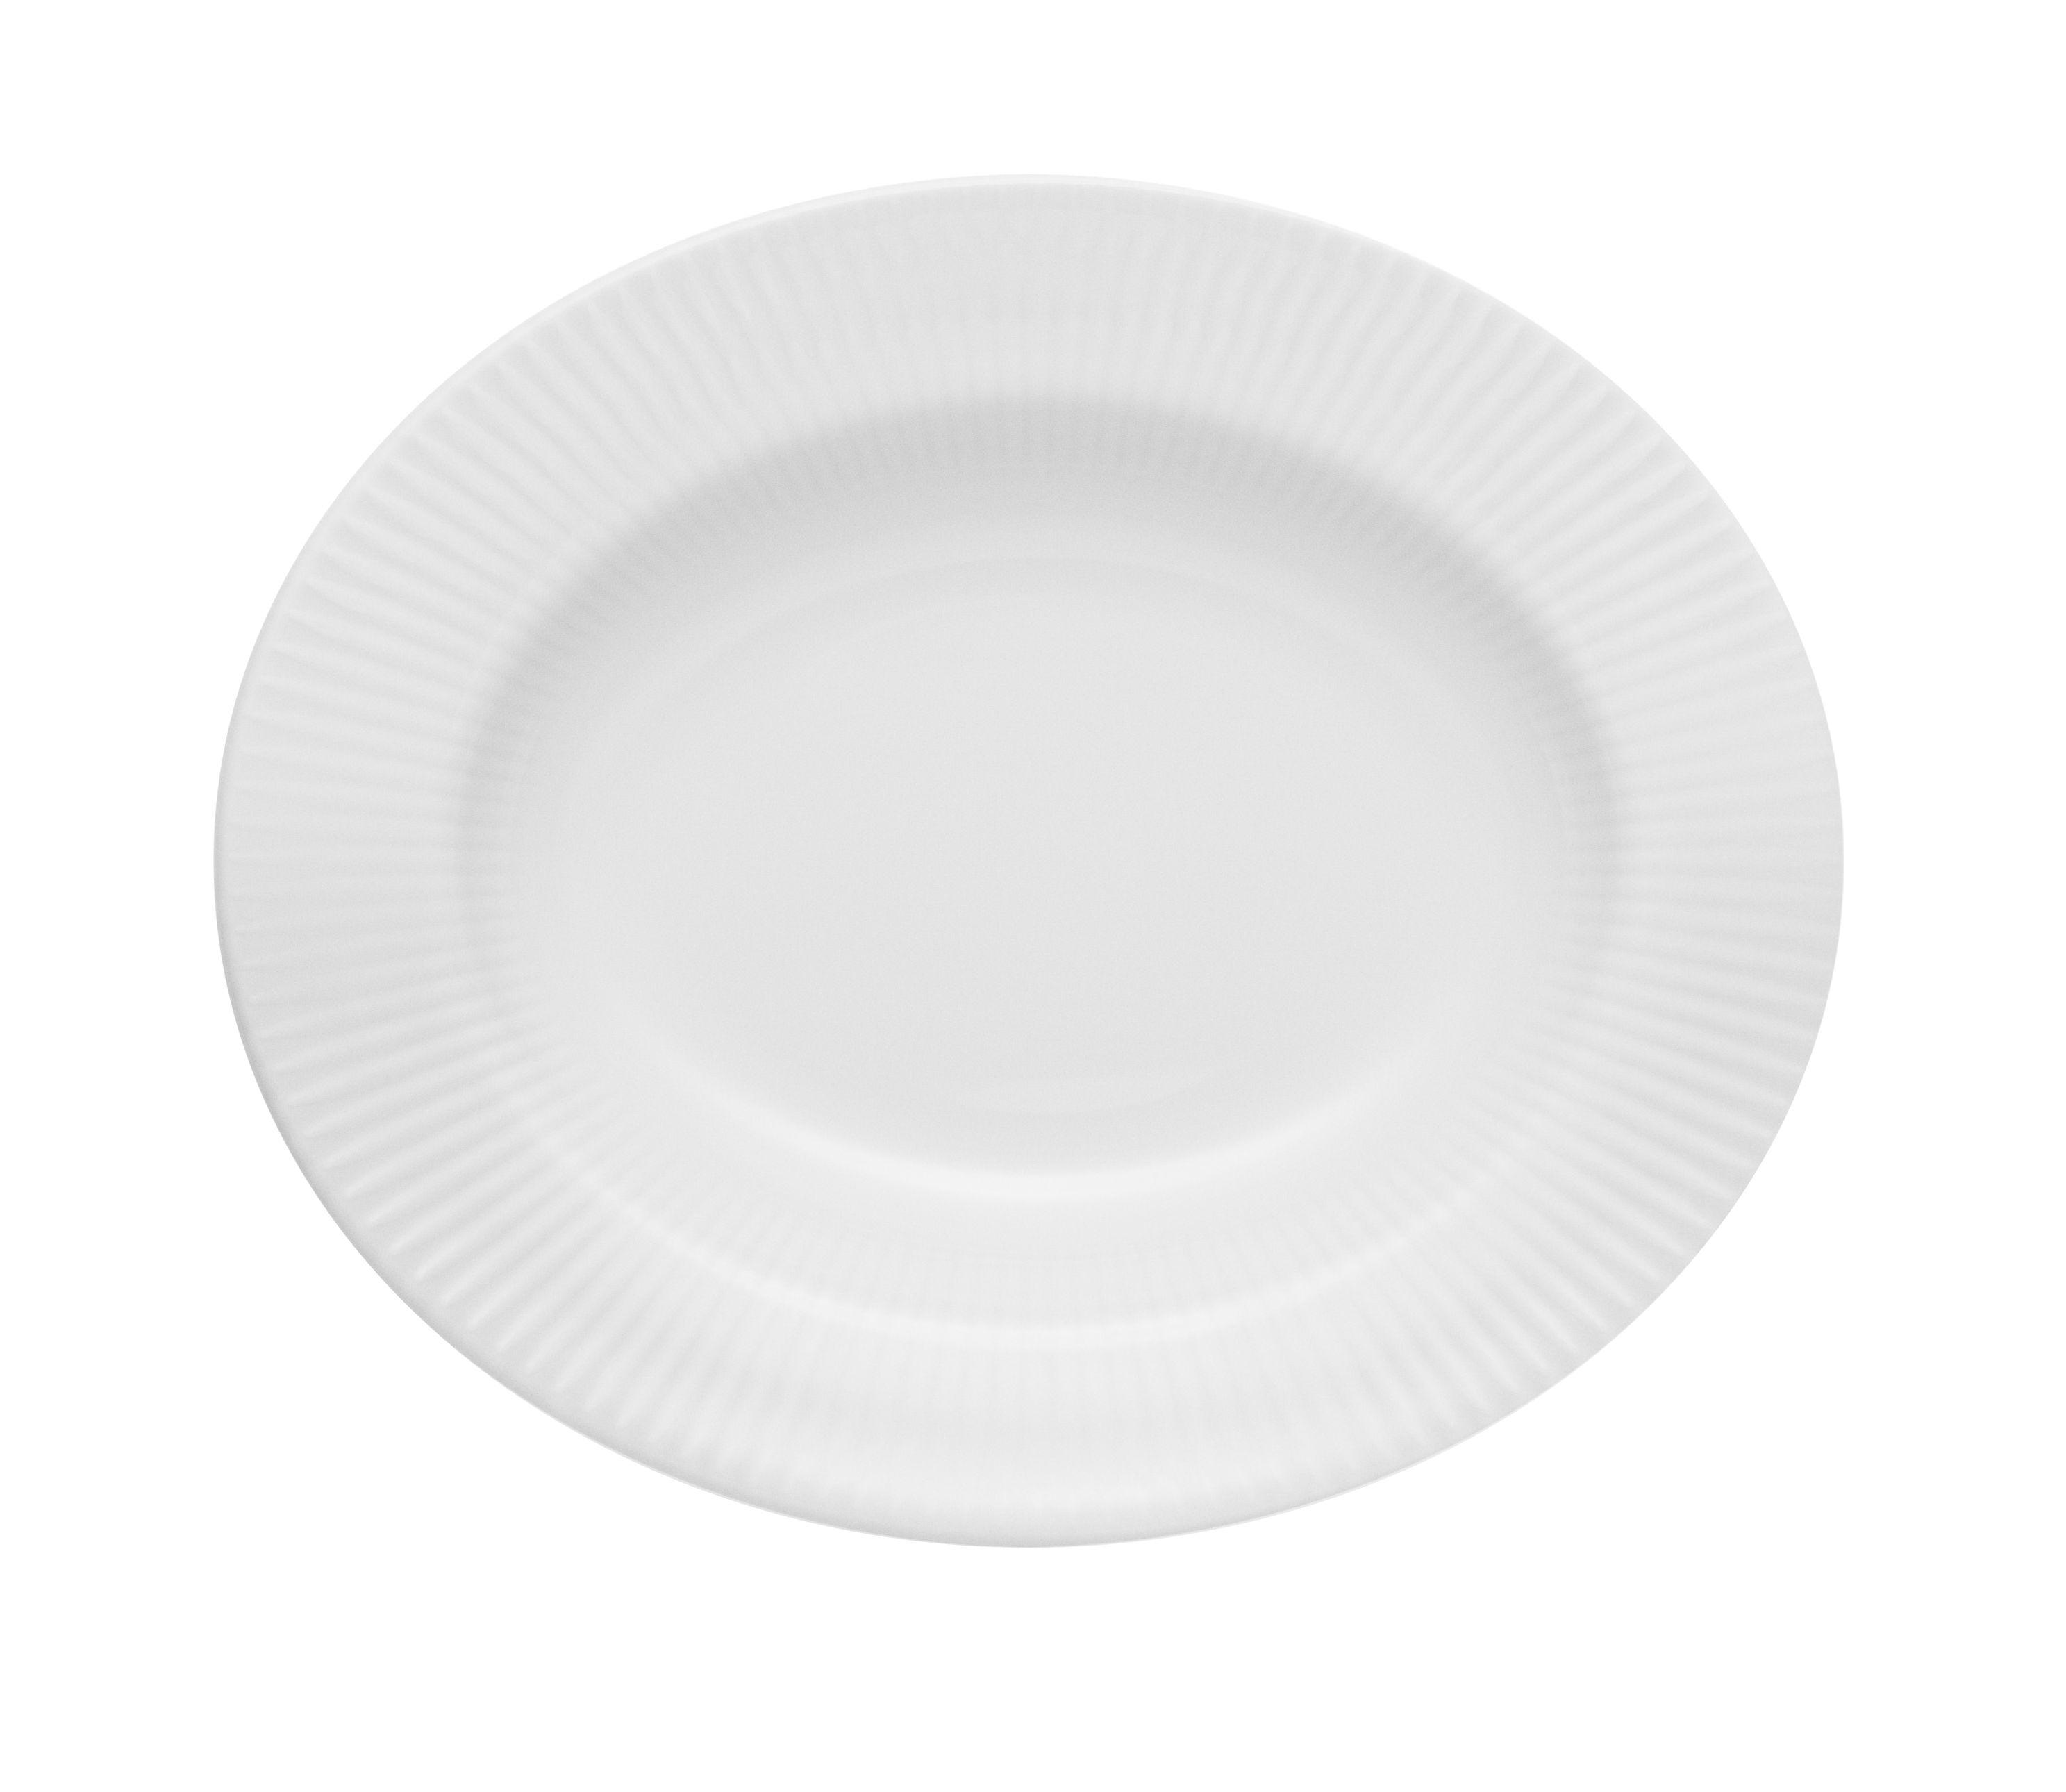 Arts de la table - Assiettes - Assiette Legio Nova / Ø 21 cm - Porcelaine - Eva Trio - Blanc - Porcelaine de haute qualité